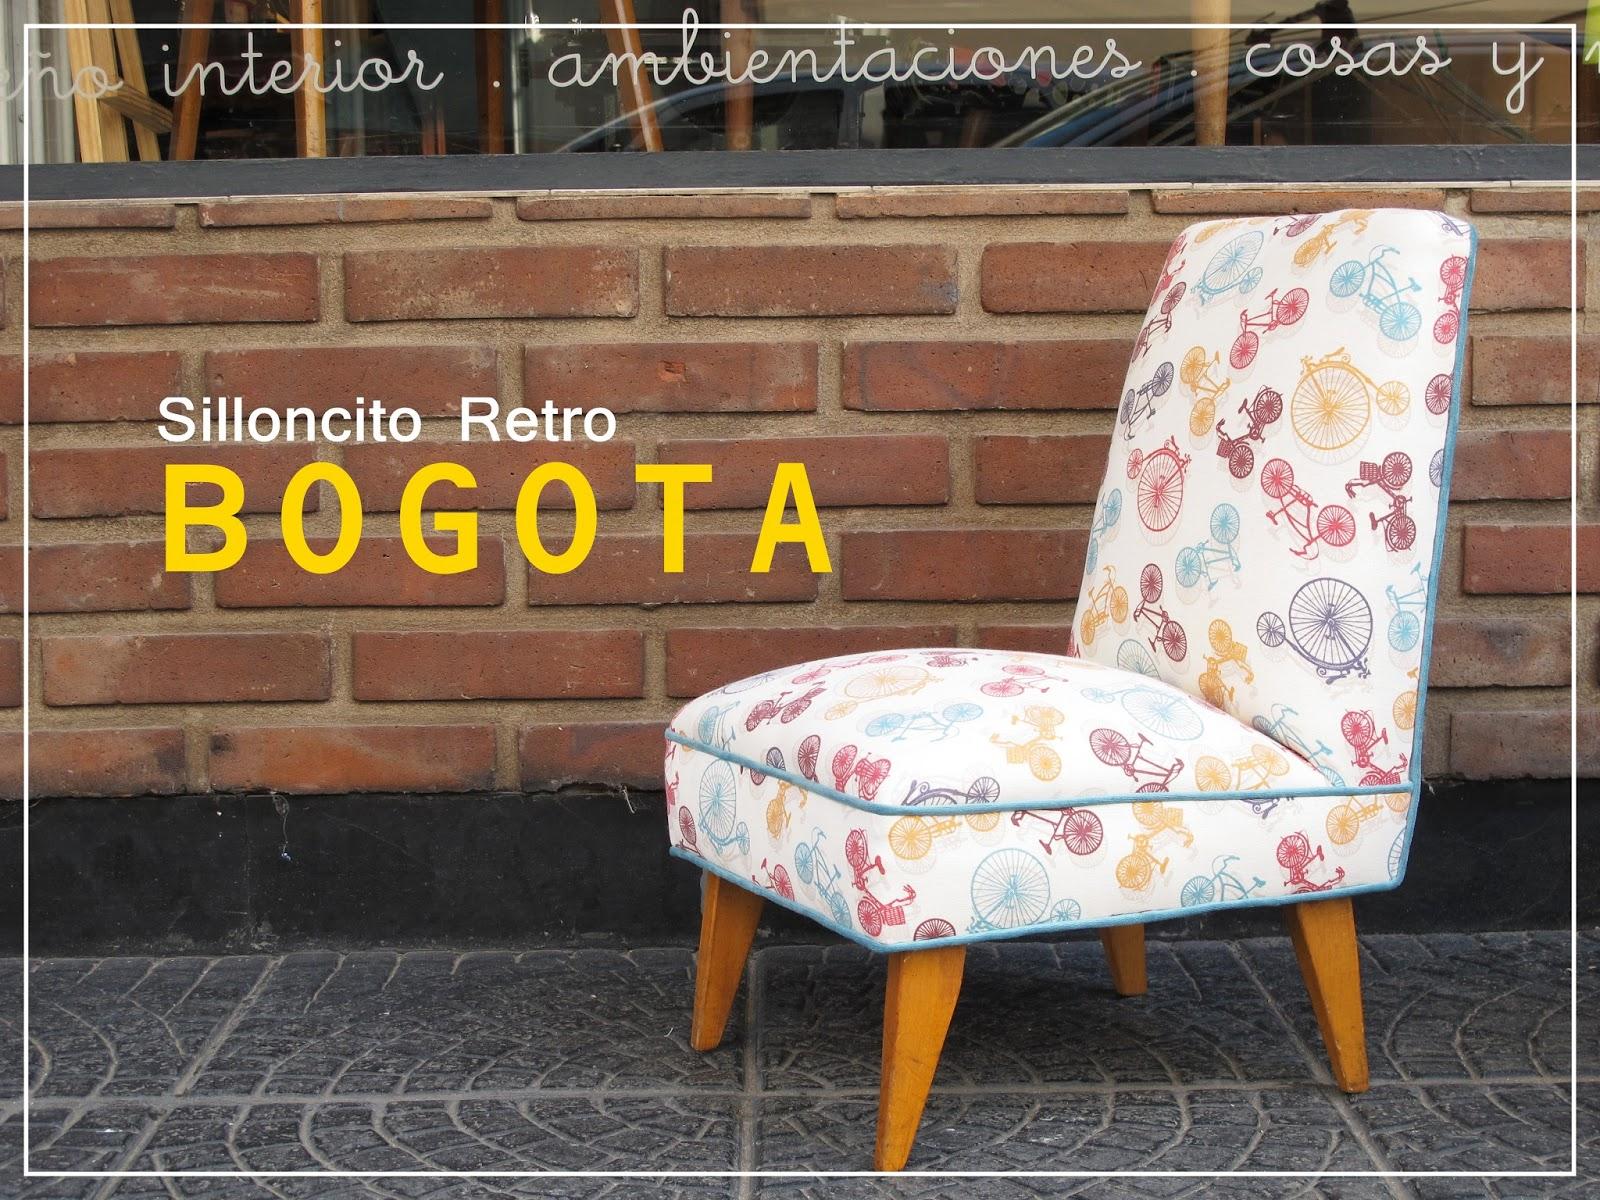 Variopinta objetos muebles variopinta muebles Muebles vintage bogota